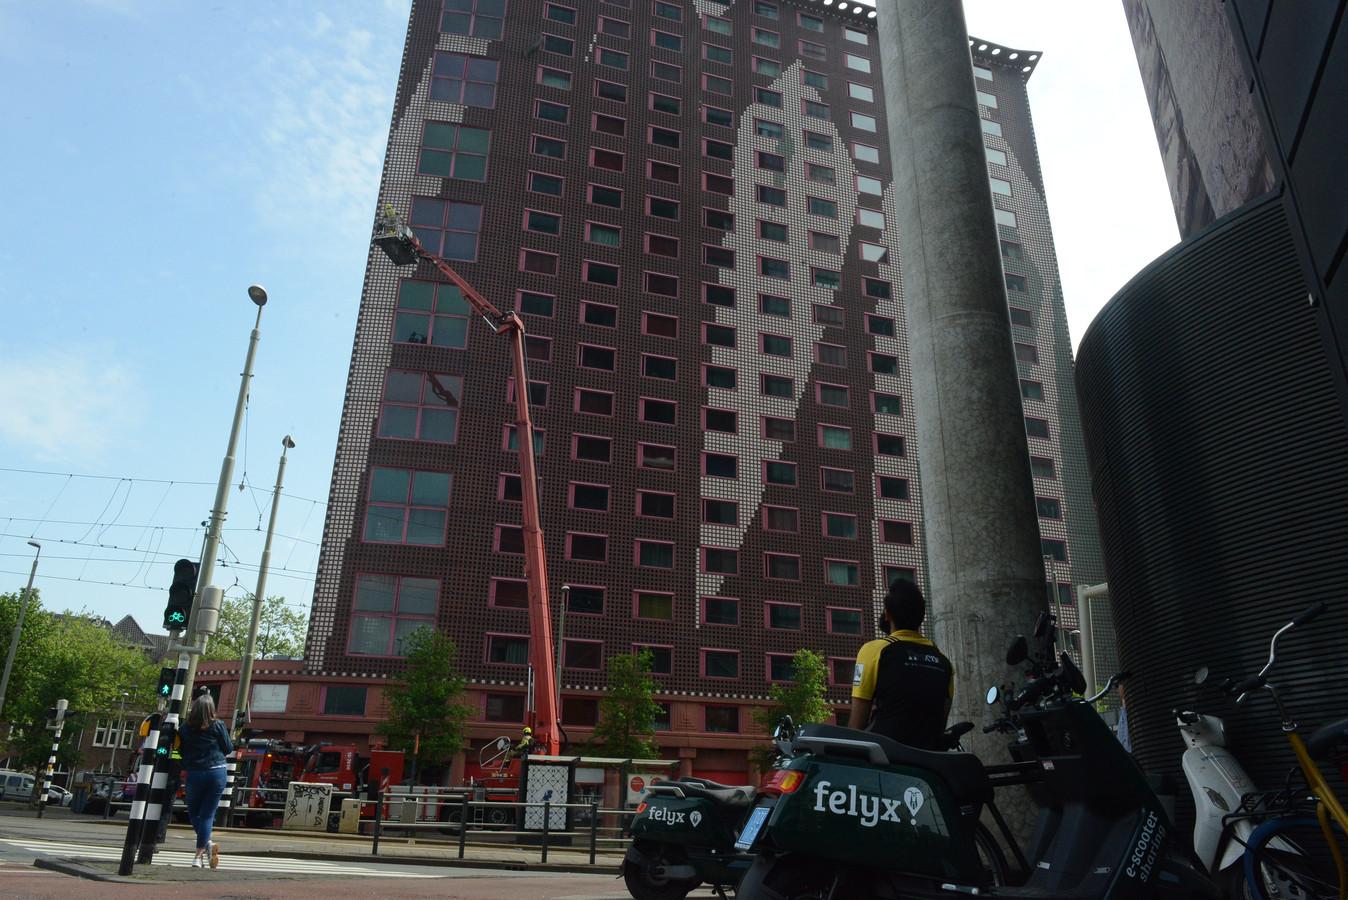 In een studentenflat aan het Rijswijkseplein woedt momenteel een brand. De brandweer is met veel personeel aanwezig om het vuur te blussen.